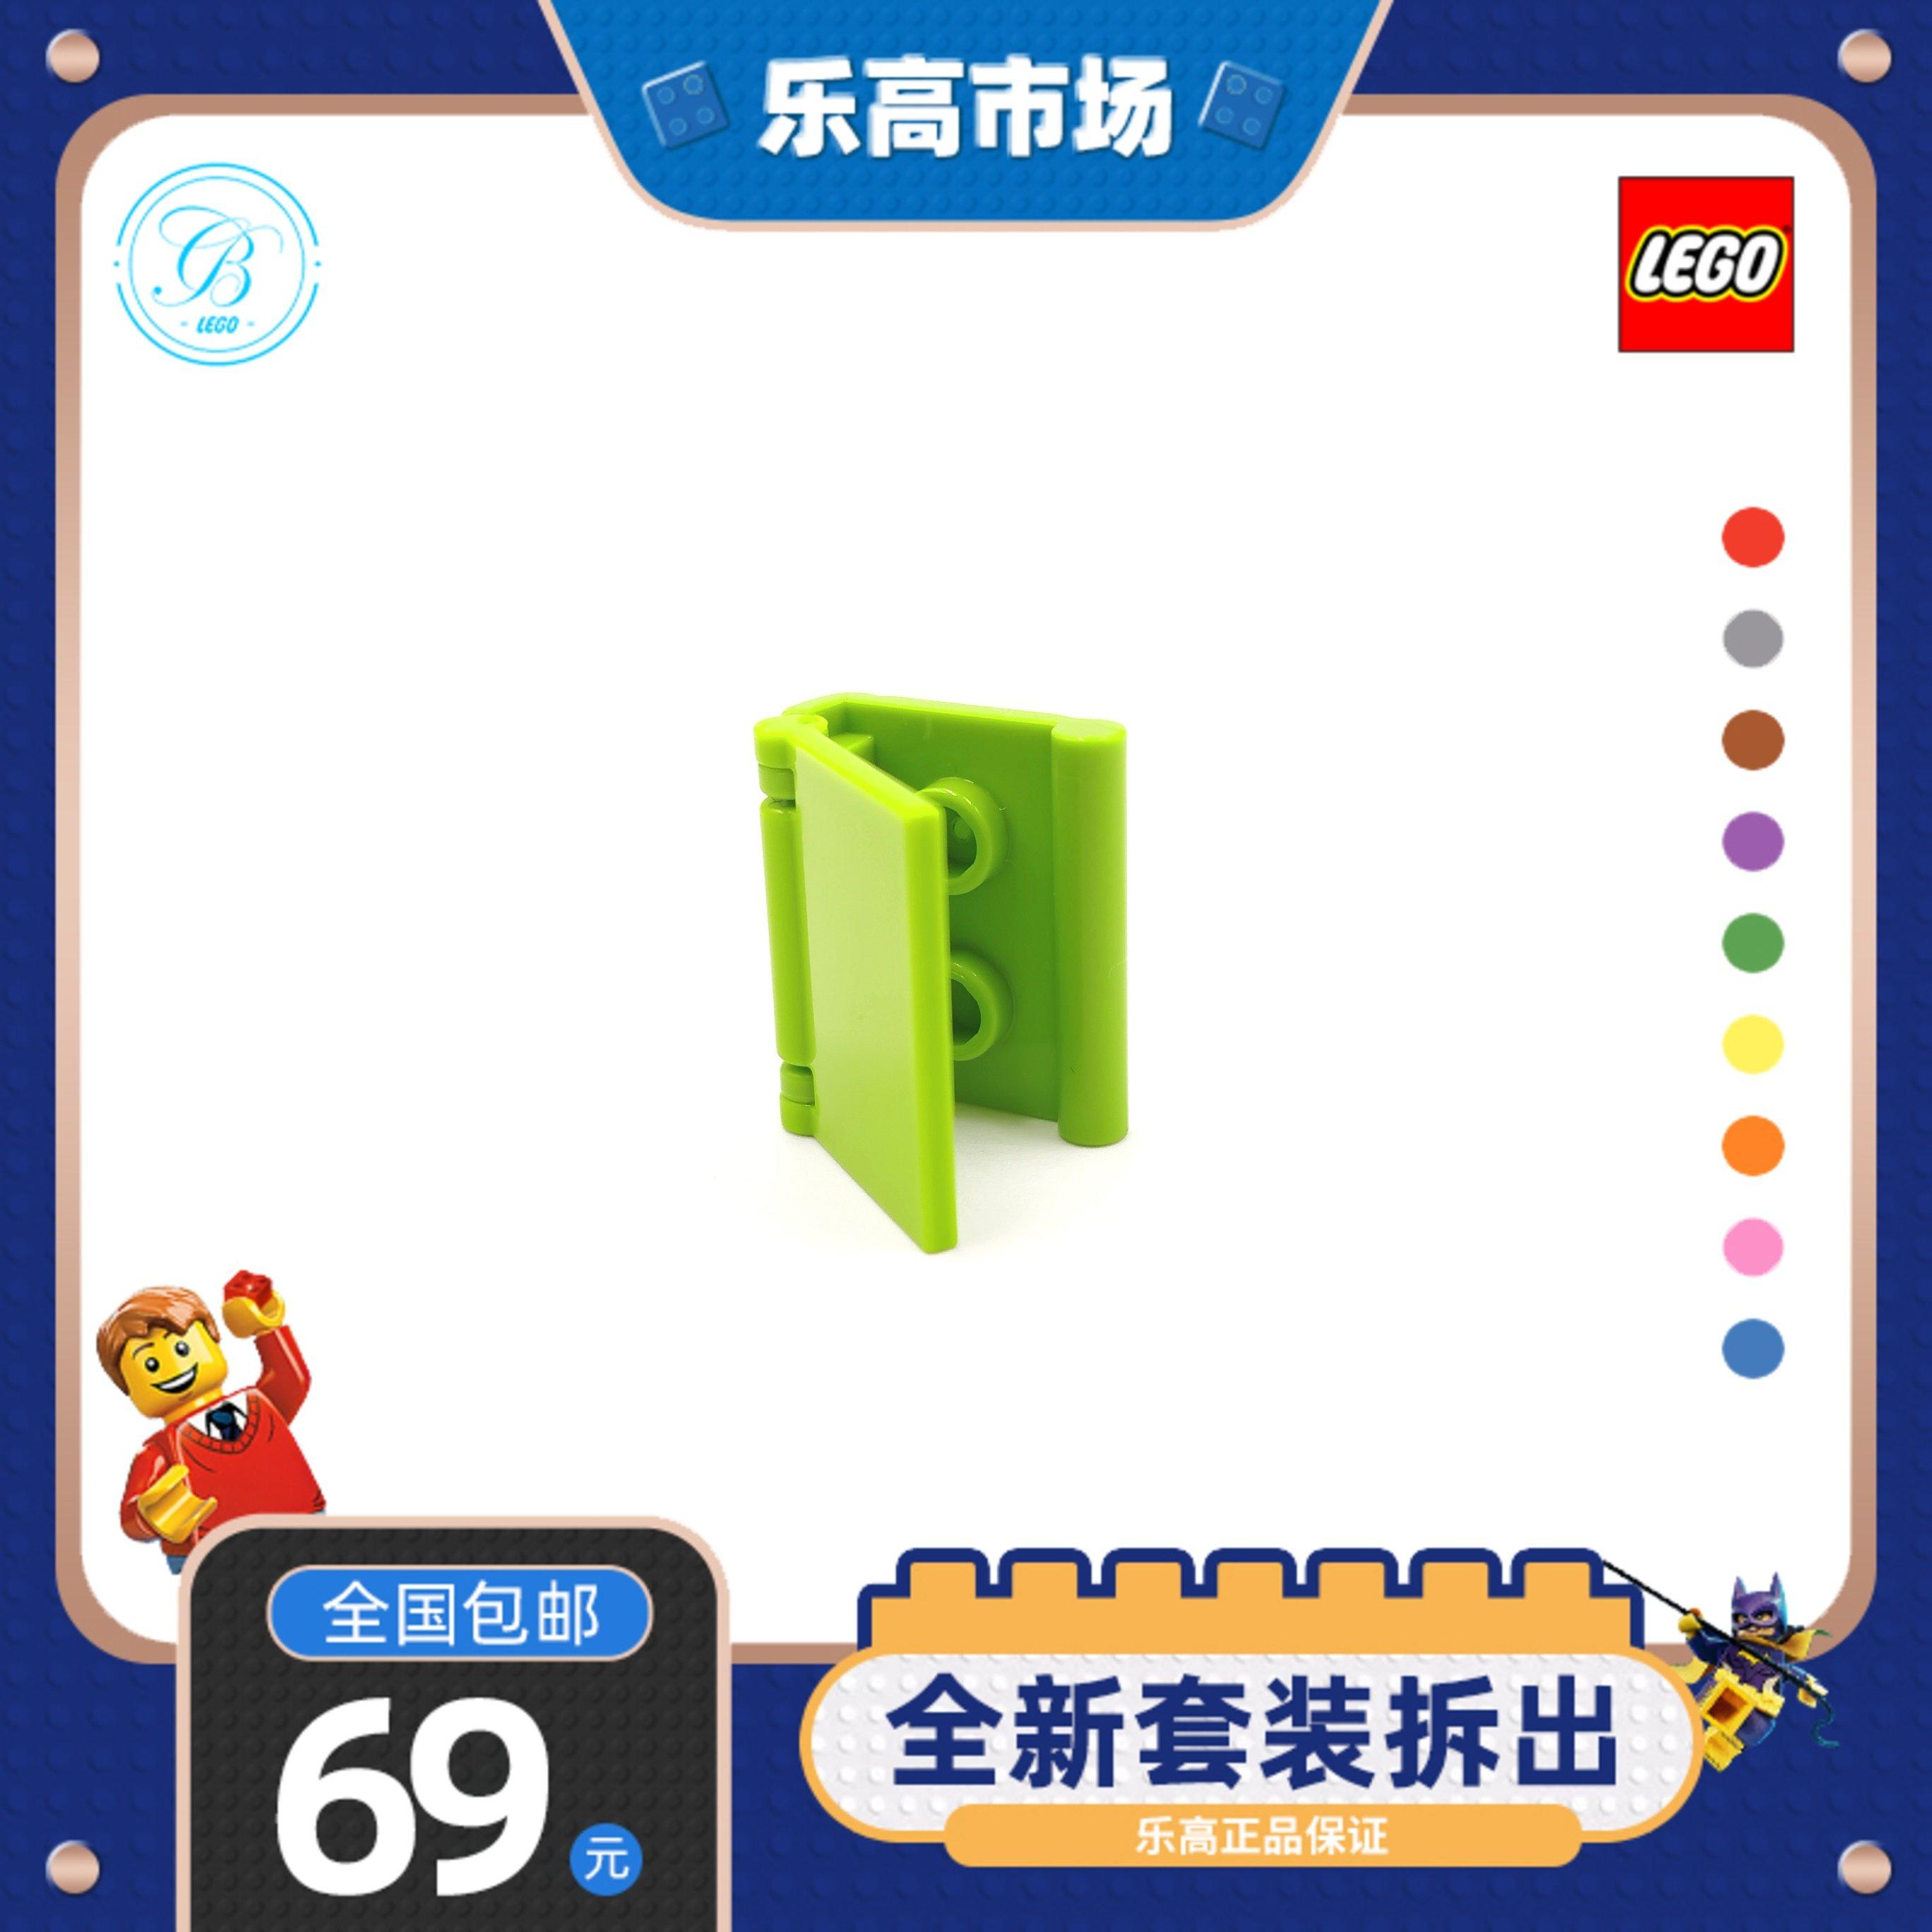 LEGO乐高 哈利波特书籍 24324 24093 #119浅绿色6258352 6258353